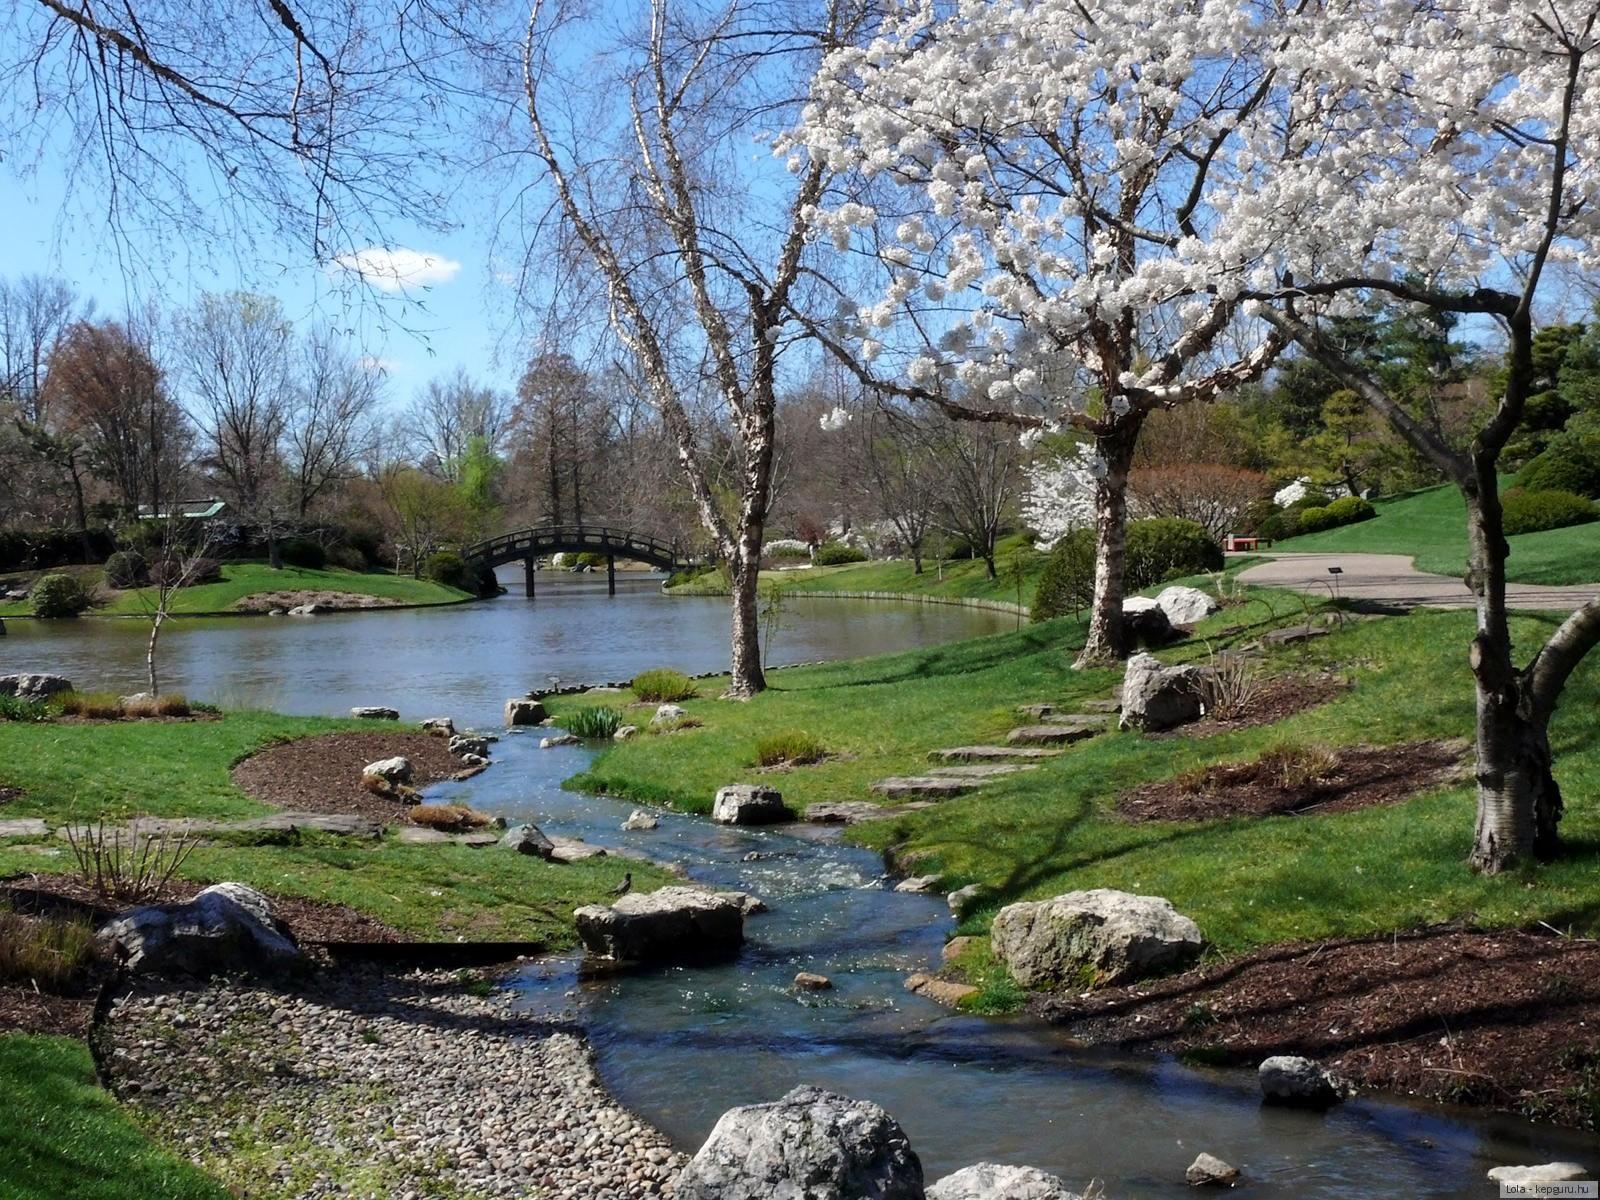 Весна фото пейзажи, весенние фотографии природы